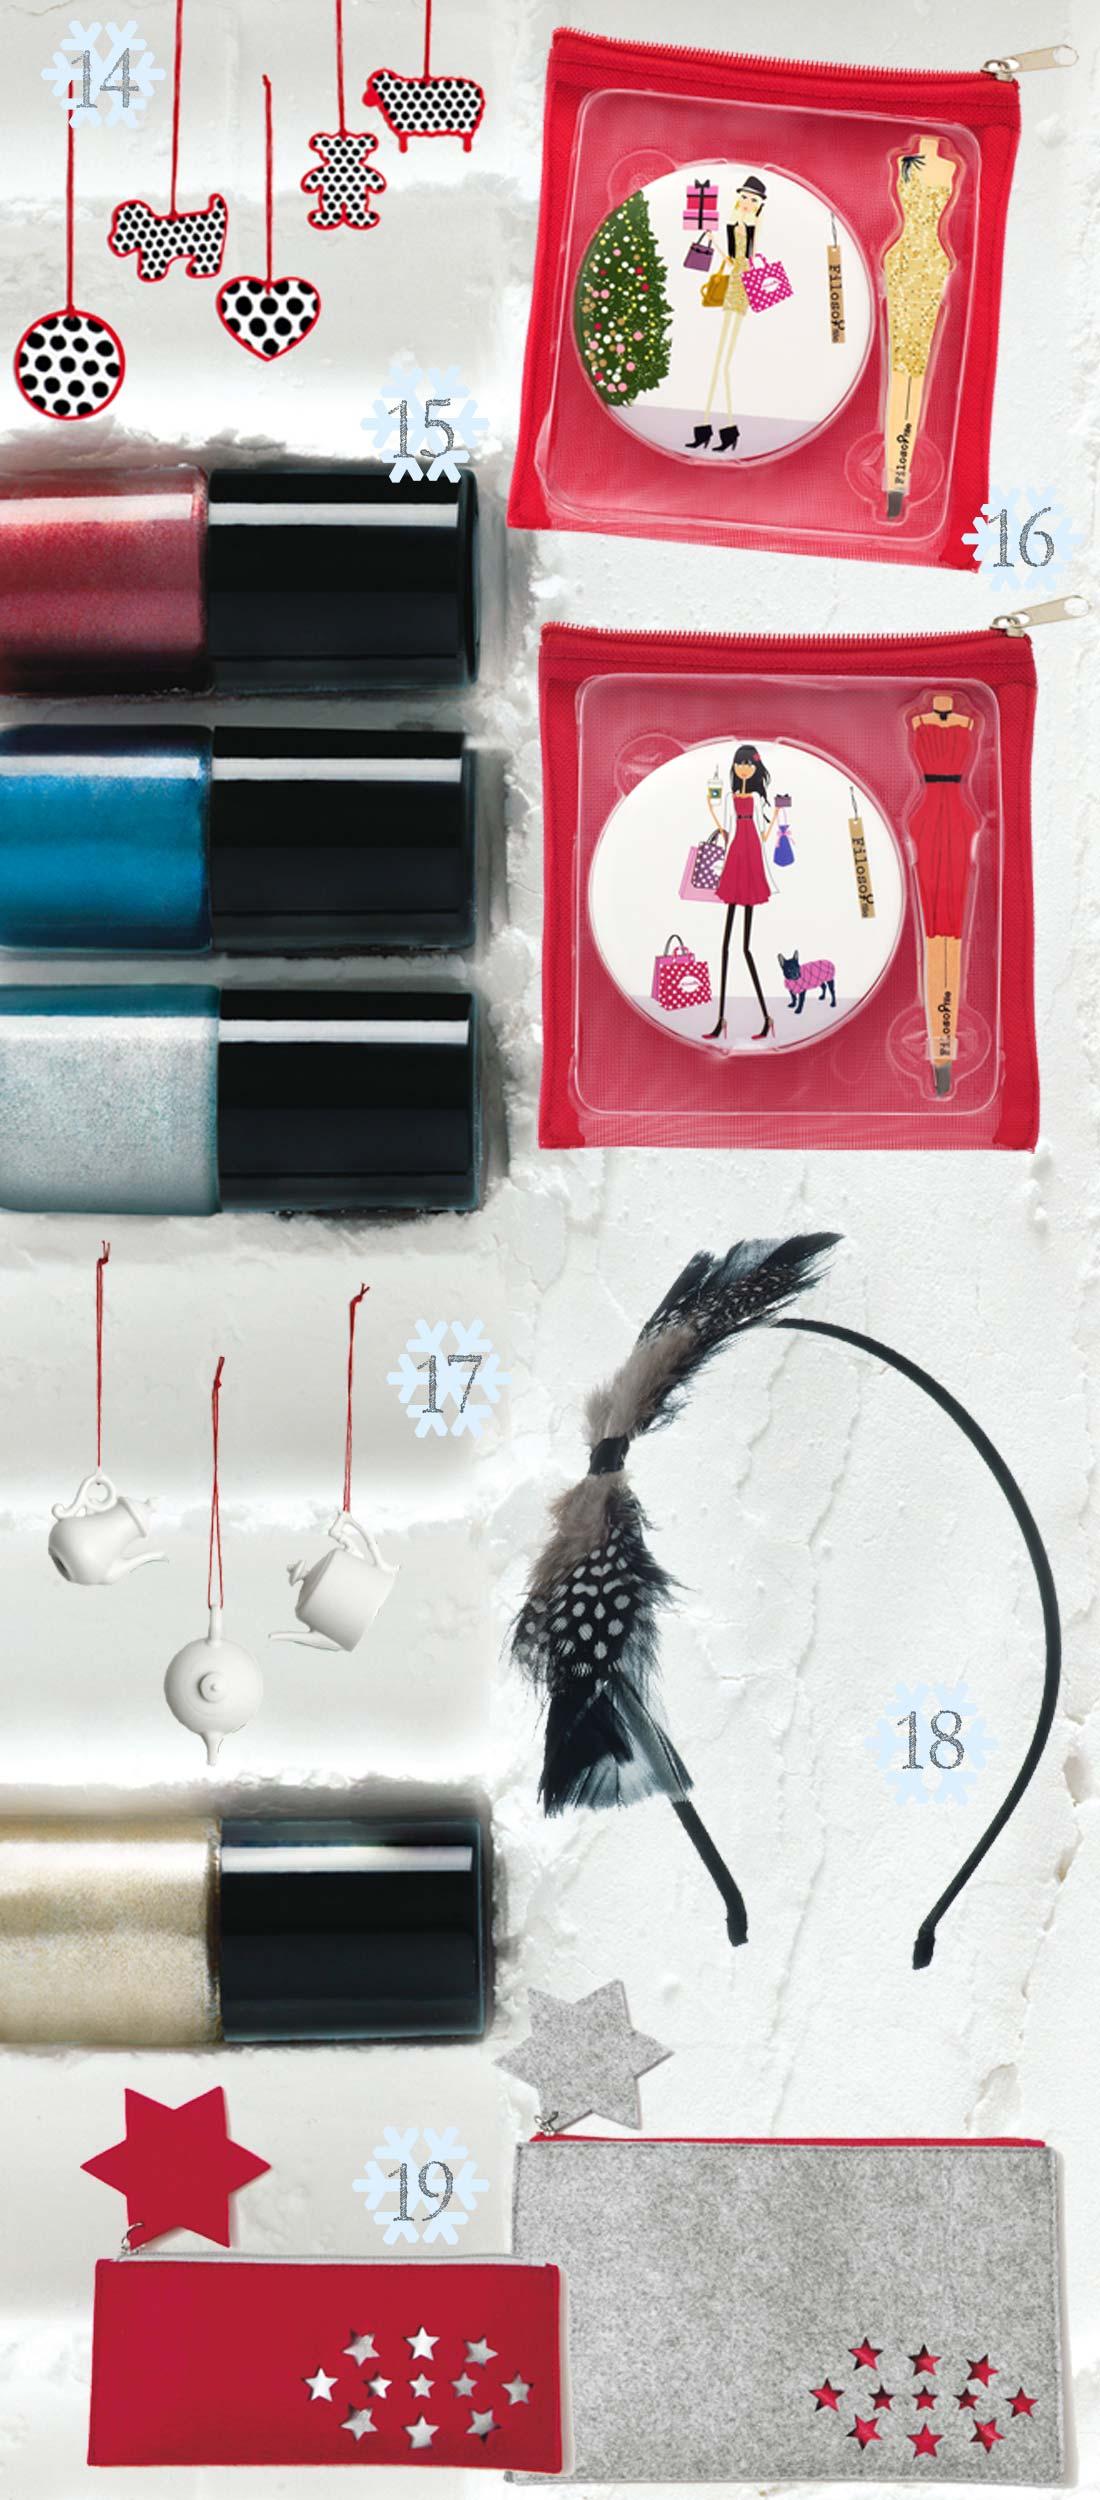 Noël 2012 chez Monoprix : plein d'articles à dévorer ou à offrir